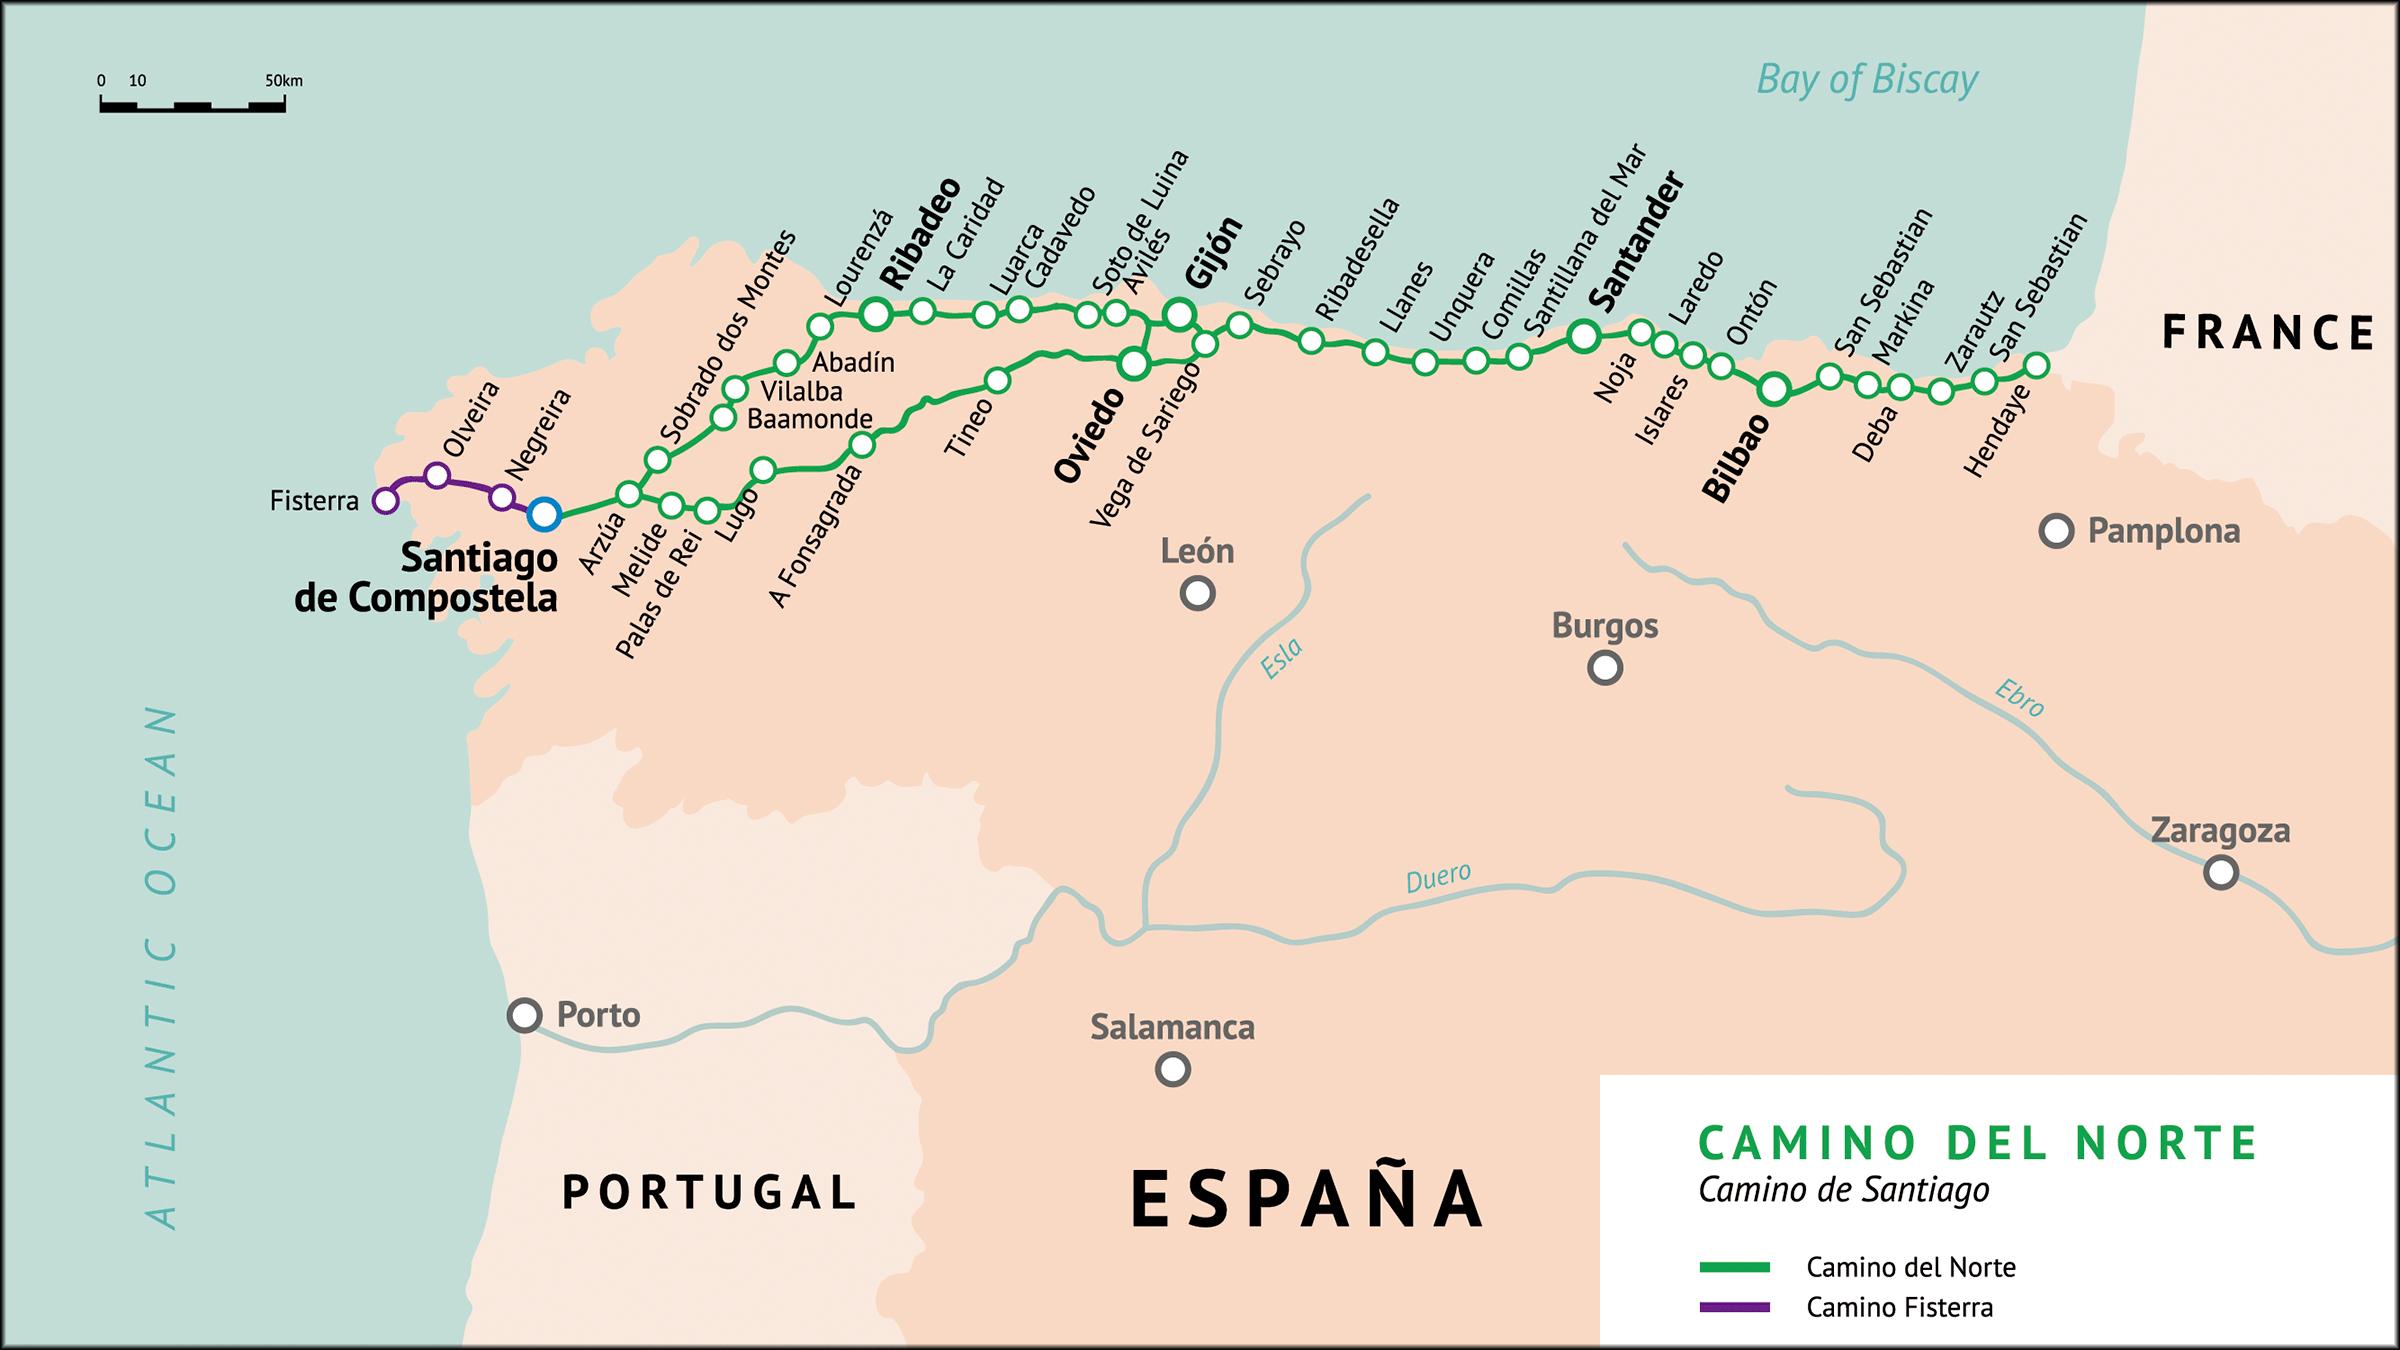 Mapa del Camino del Norte (Camino de Santiago)